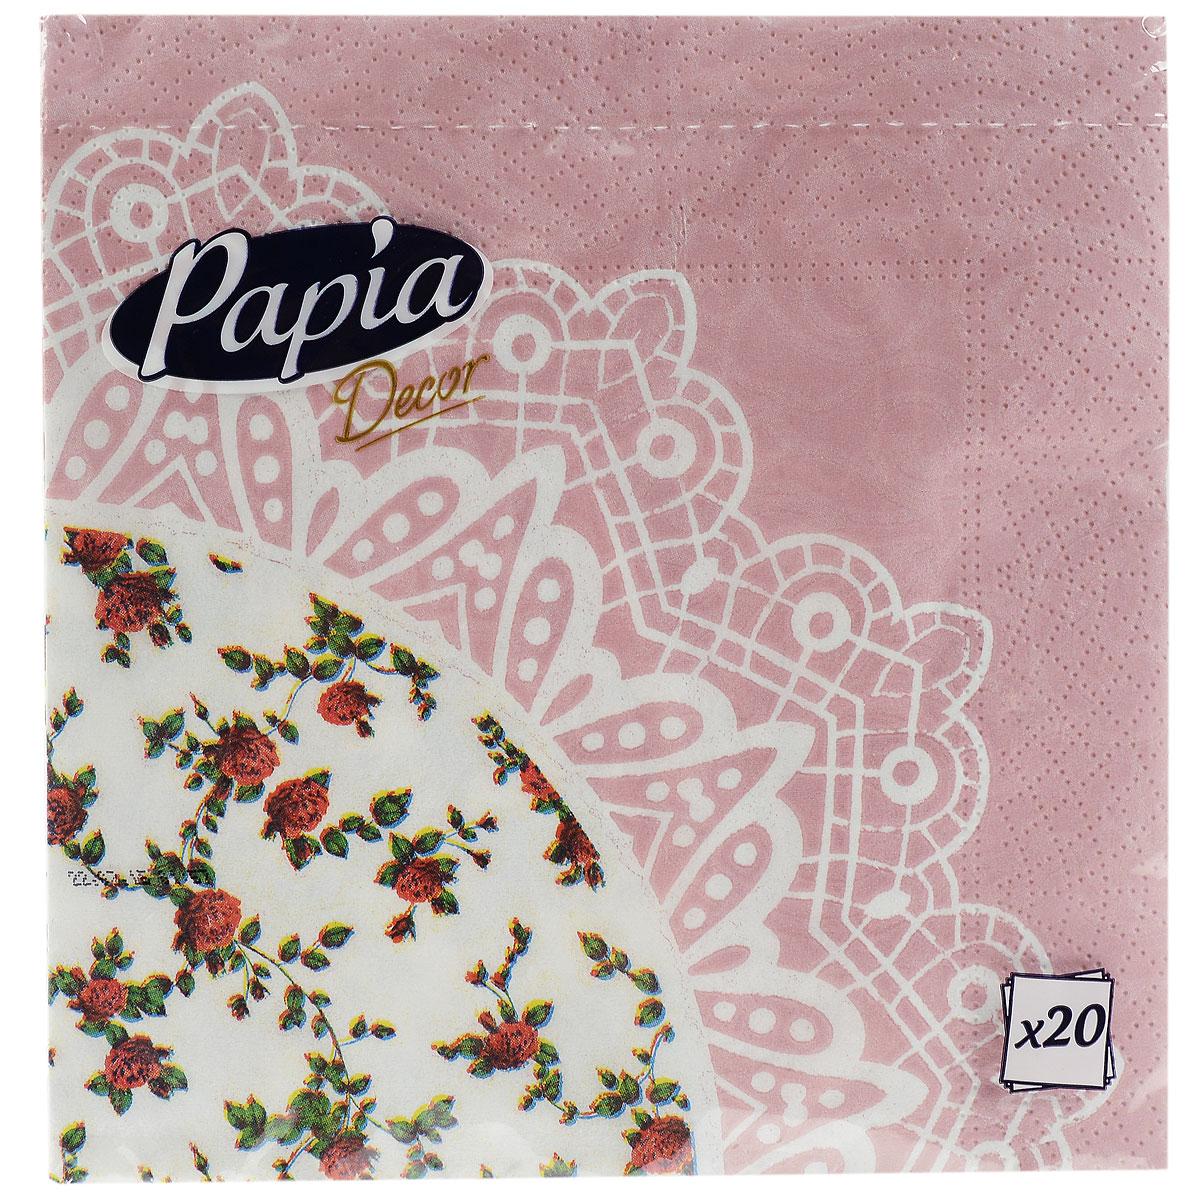 Салфетки бумажные Papia Decor, трехслойные, цвет: белый, розовый, 33 x 33 см, 20 шт391602Трехслойные салфетки Papia Decor, выполненные из 100% целлюлозы, оформлены красивым цветочным рисунком. Салфетки предназначены для красивой сервировки стола. Оригинальный дизайн салфеток добавит изысканности вашему столу и поднимет настроение. Размер салфеток: 33 см х 33 см.